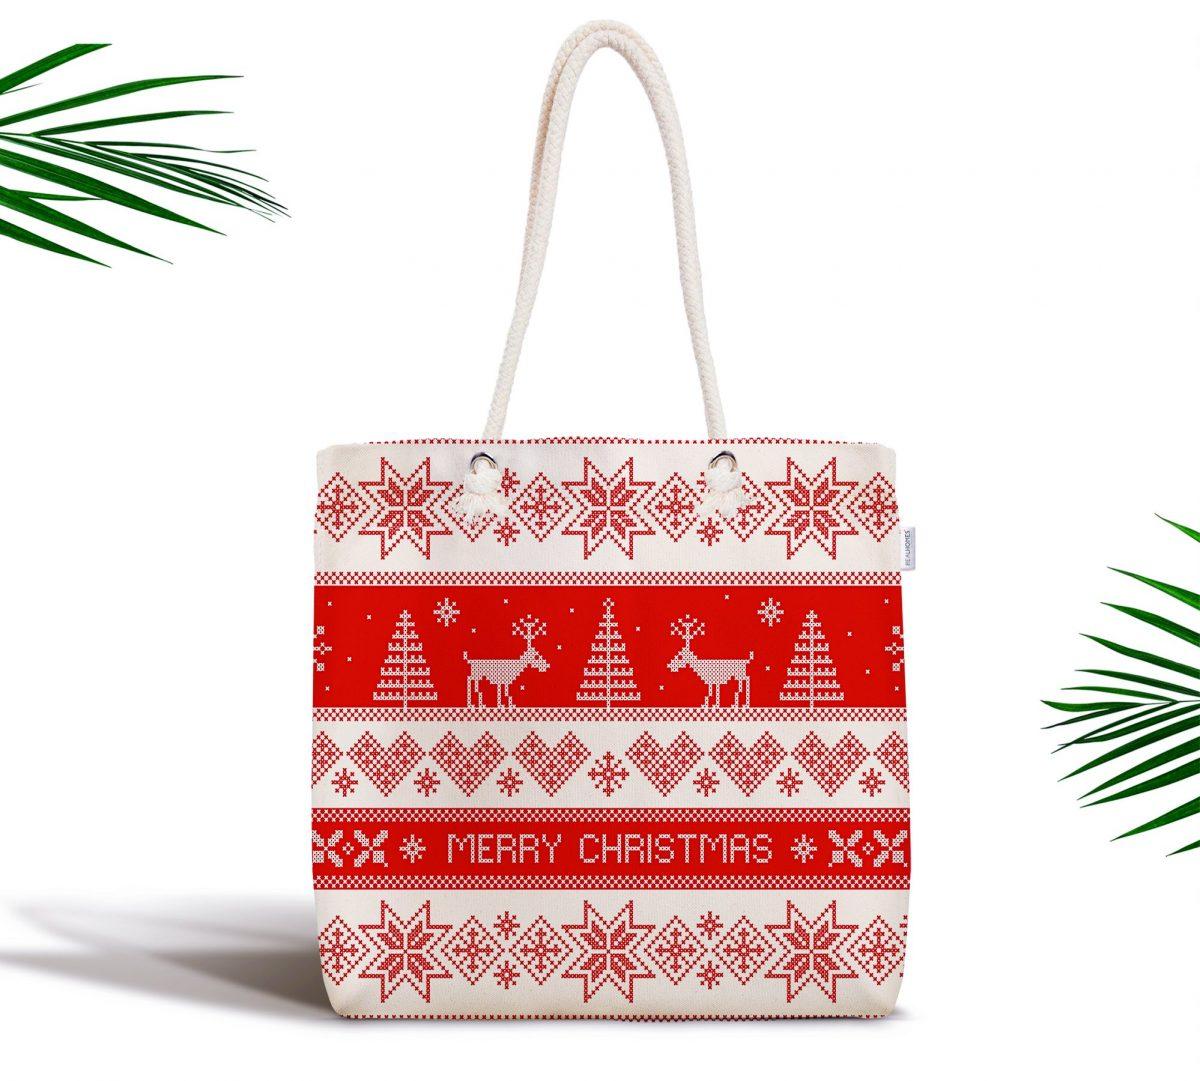 Christmas Özel Tasarım Dijital Baskılı Fermuarlı Bez Çanta Realhomes